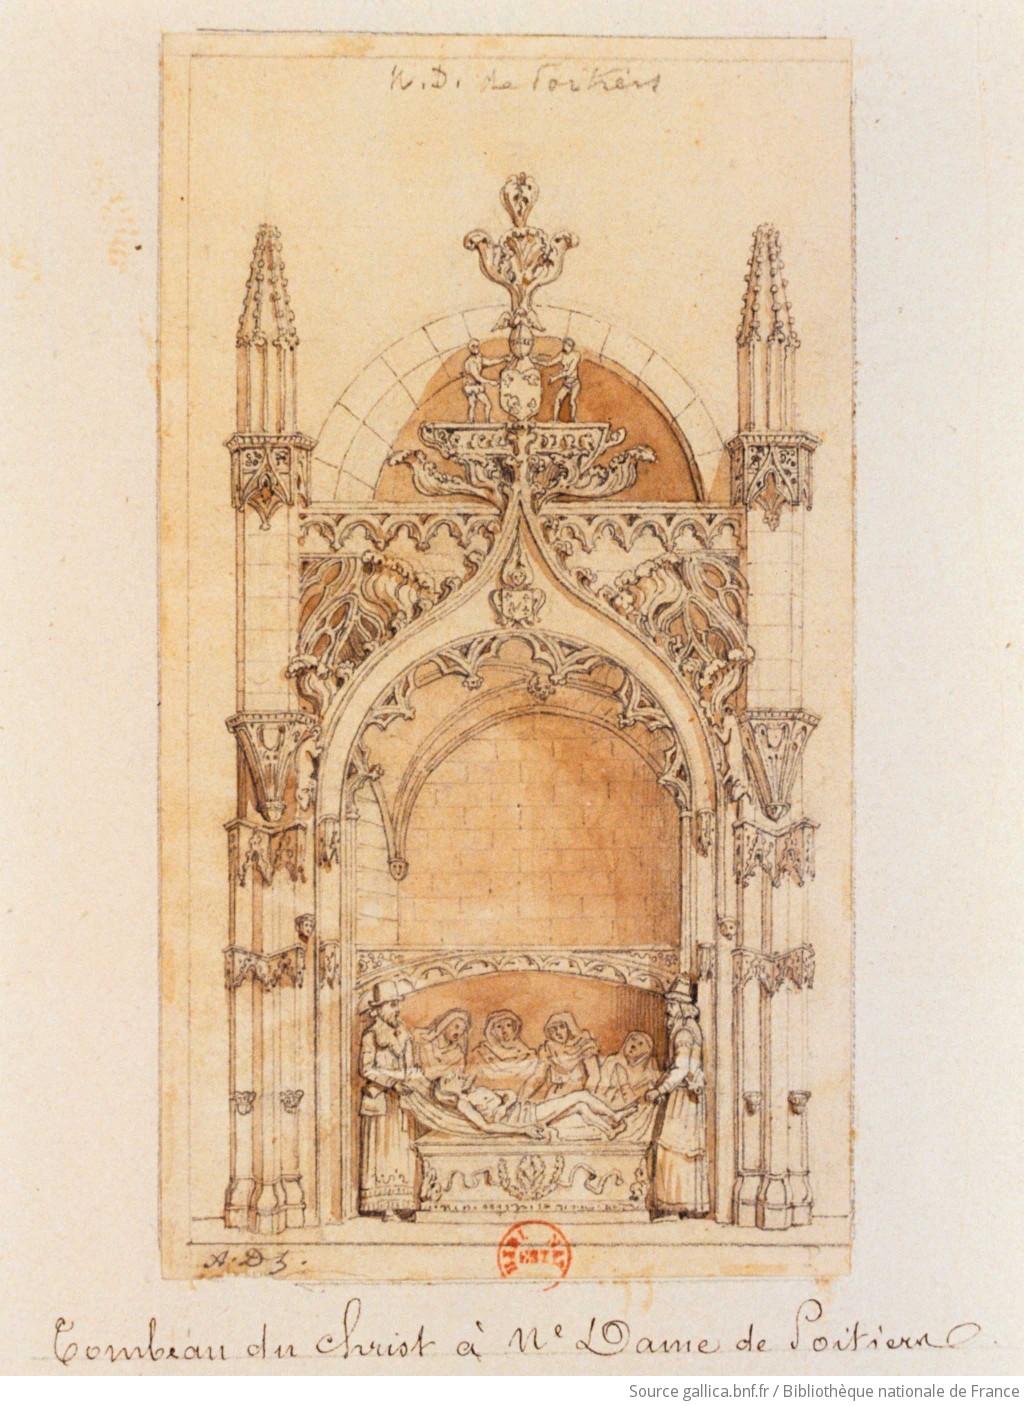 [Mise au tombeau du Christ à Notre-Dame de Poitiers] : [dessin] / A. Dts [Adrien Dauzats] - 1